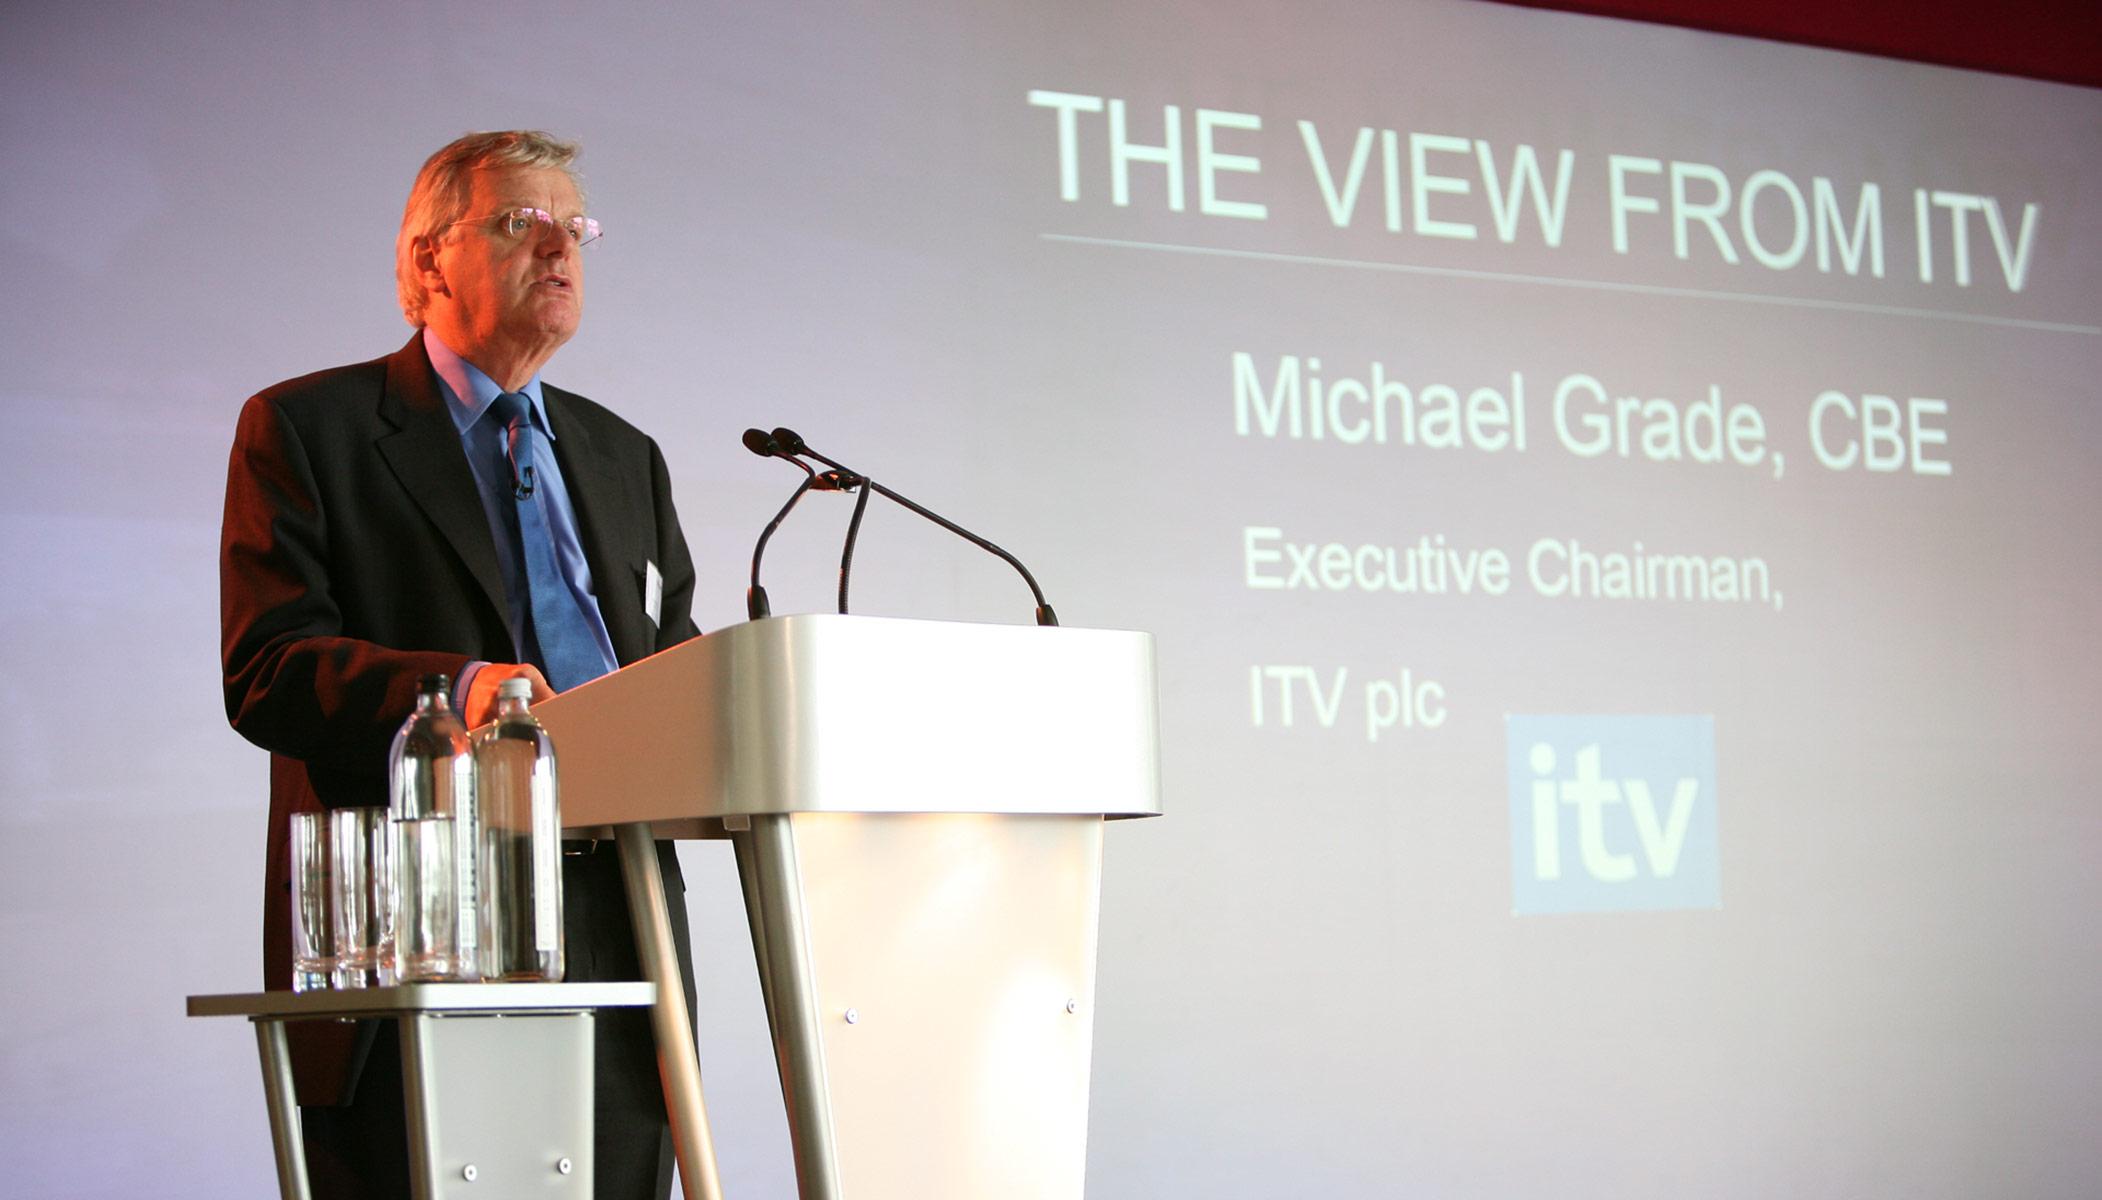 Michael Grade, CBE / Ofcom Press Event